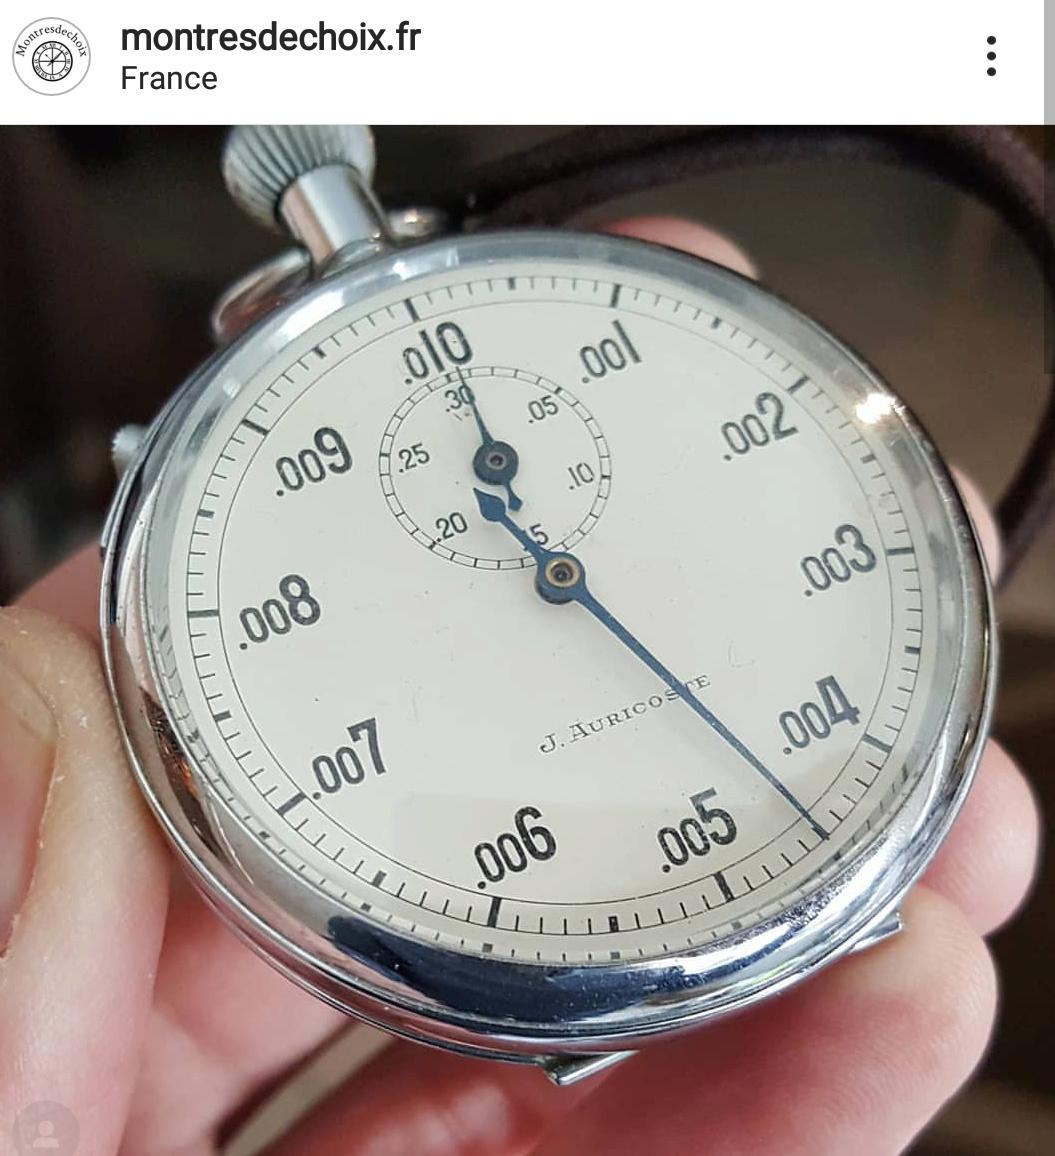 ZENITH -  [Postez ICI les demandes d'IDENTIFICATION et RENSEIGNEMENTS de vos montres] - Page 12 20190520